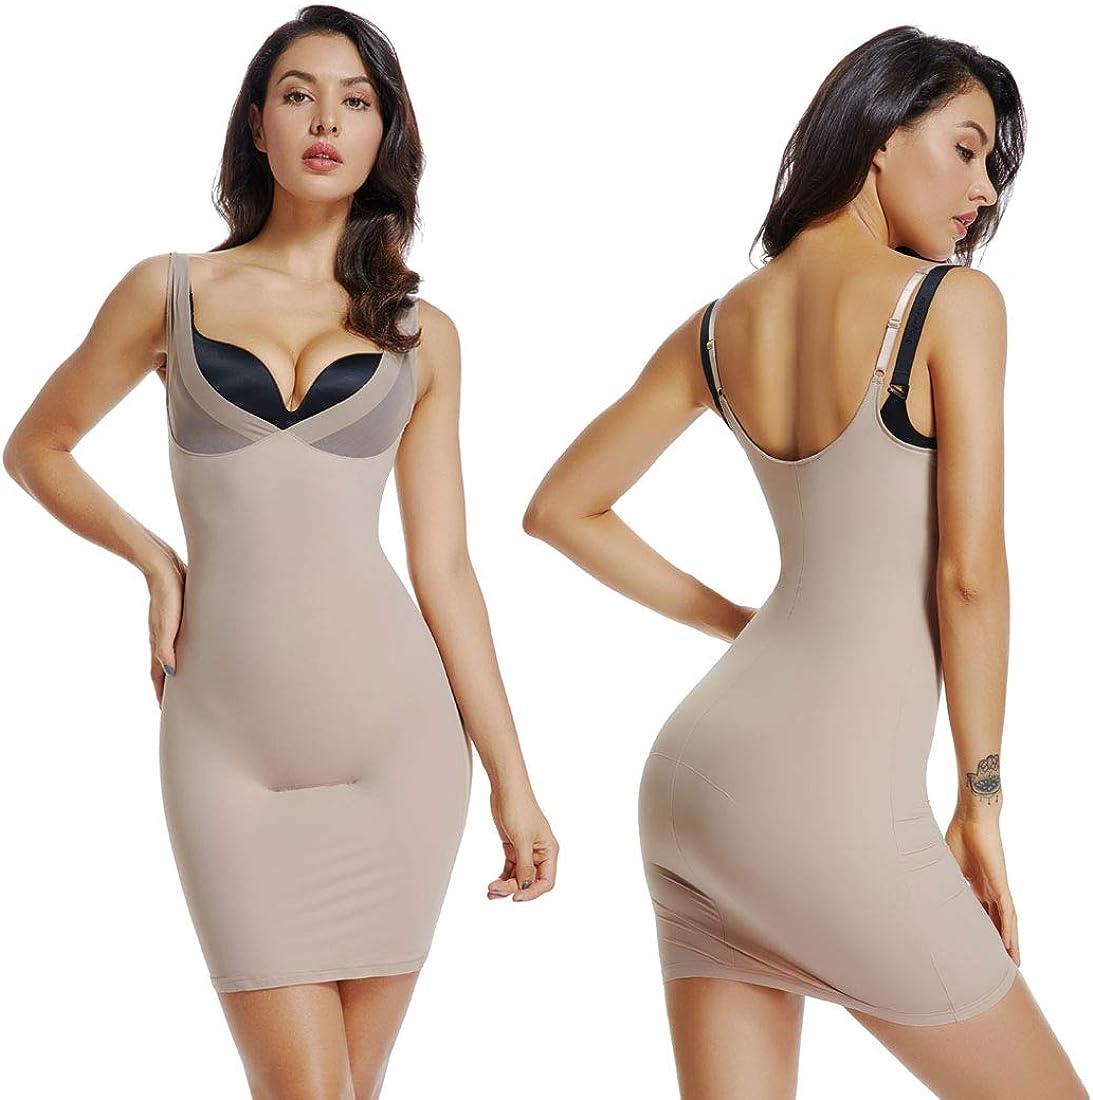 WOWENY Damen Nahtlos Unterkleid Hohe Taille Miederkleid Bauchweg Unterw/äsche Figurformend Miederrock Tailenhoch Unterrock